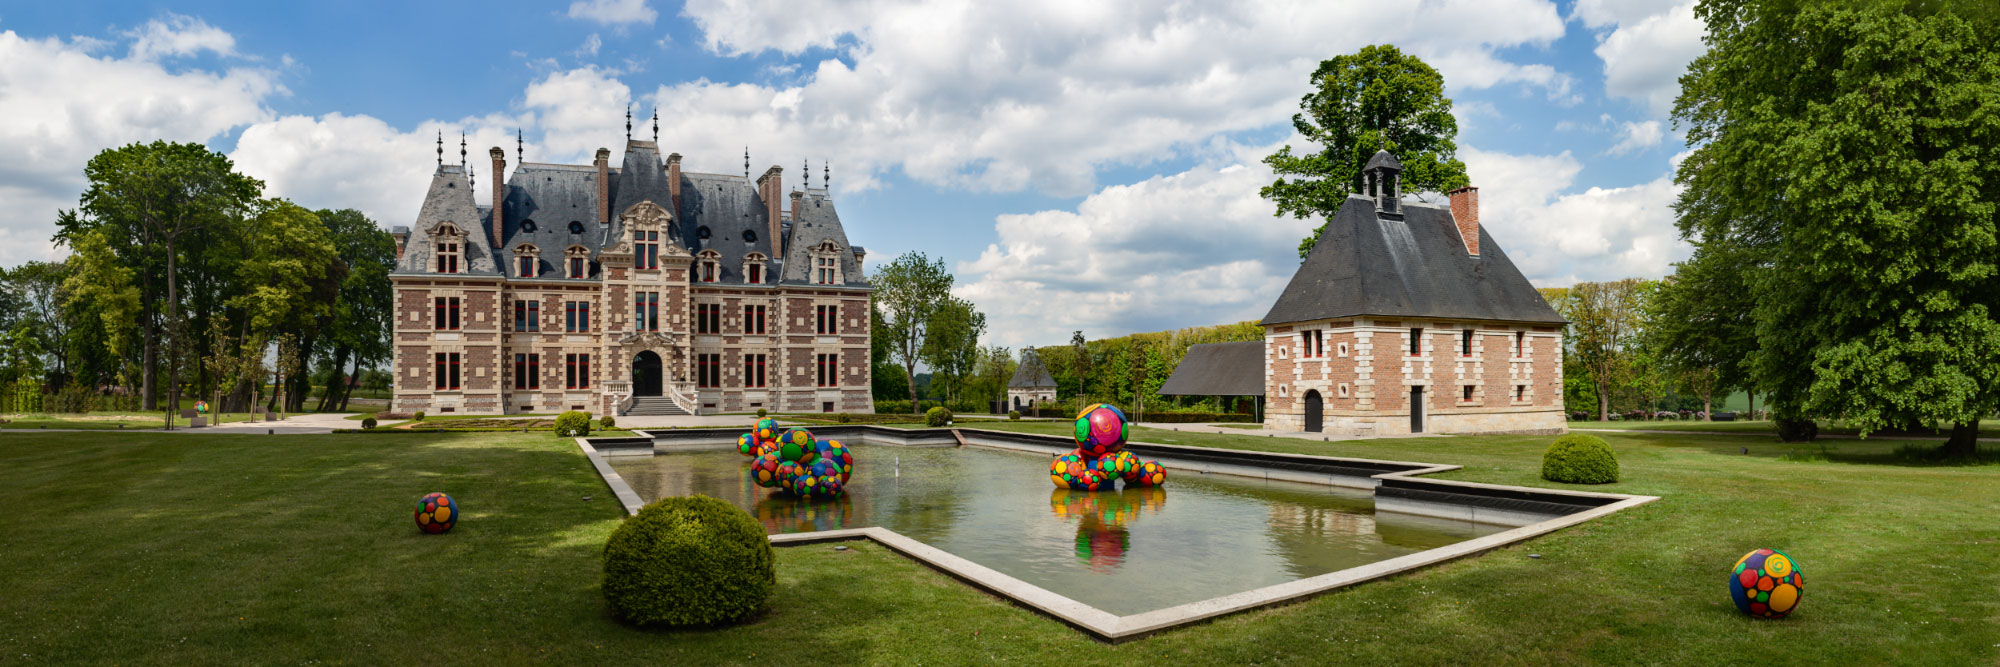 Centre d'art contemporain de la matmut, saint-pierre-de-varengeville